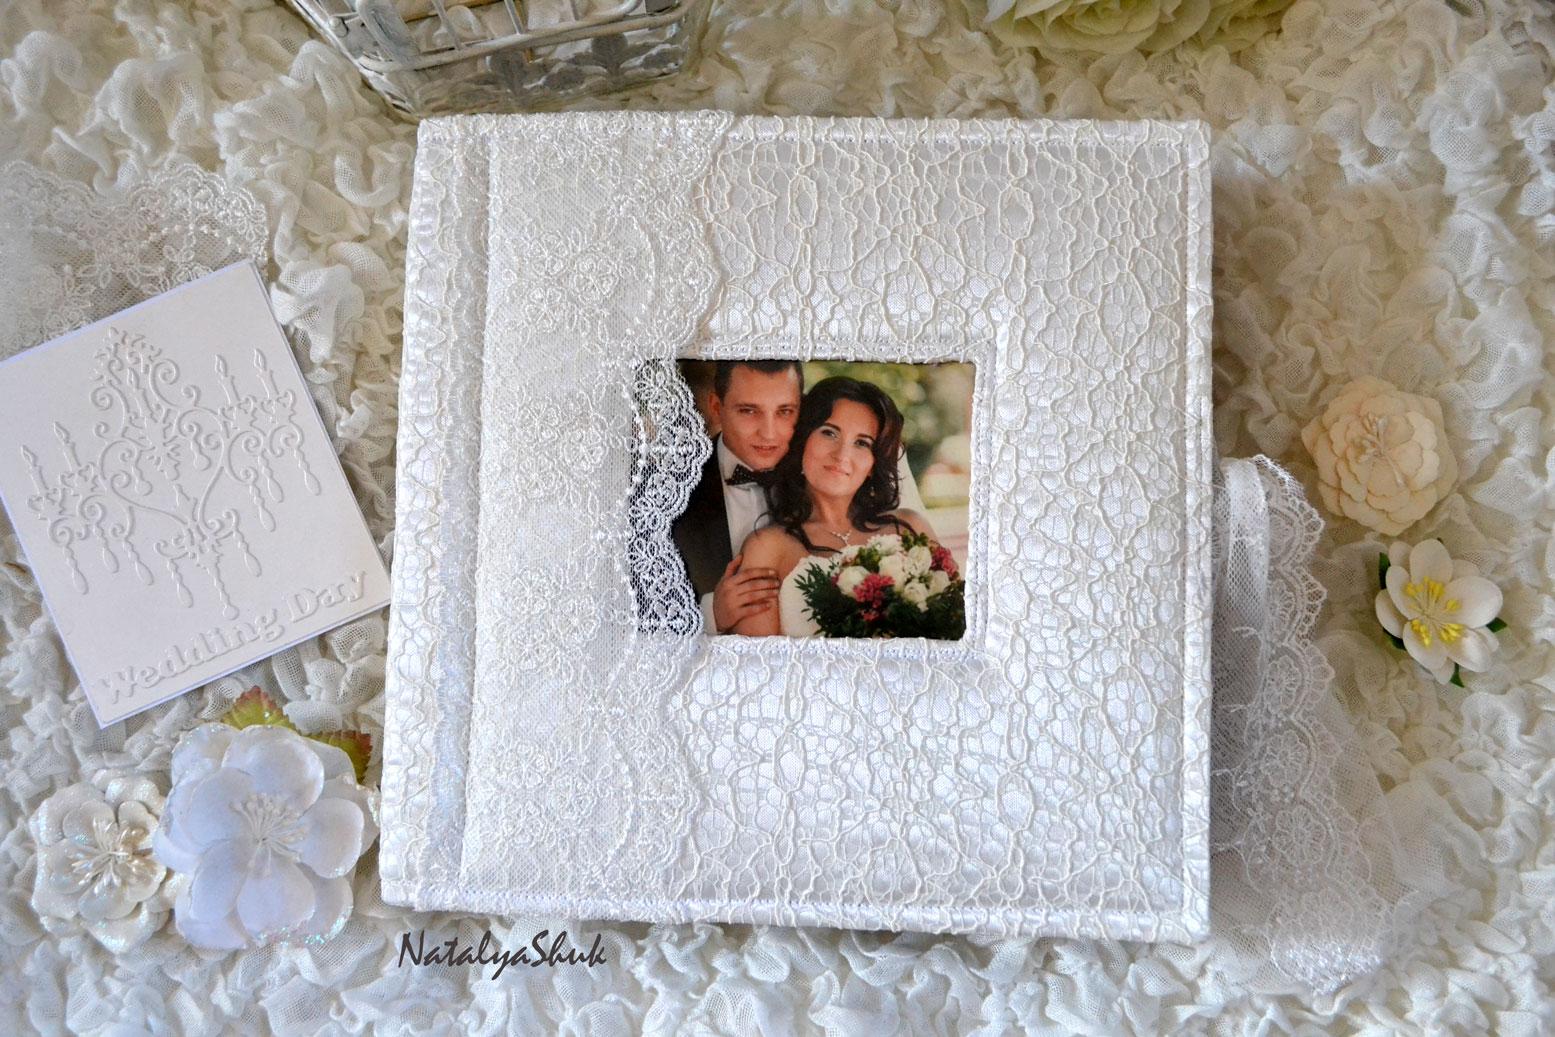 Оформление свадебного альбома своими руками:мастер-класс 29